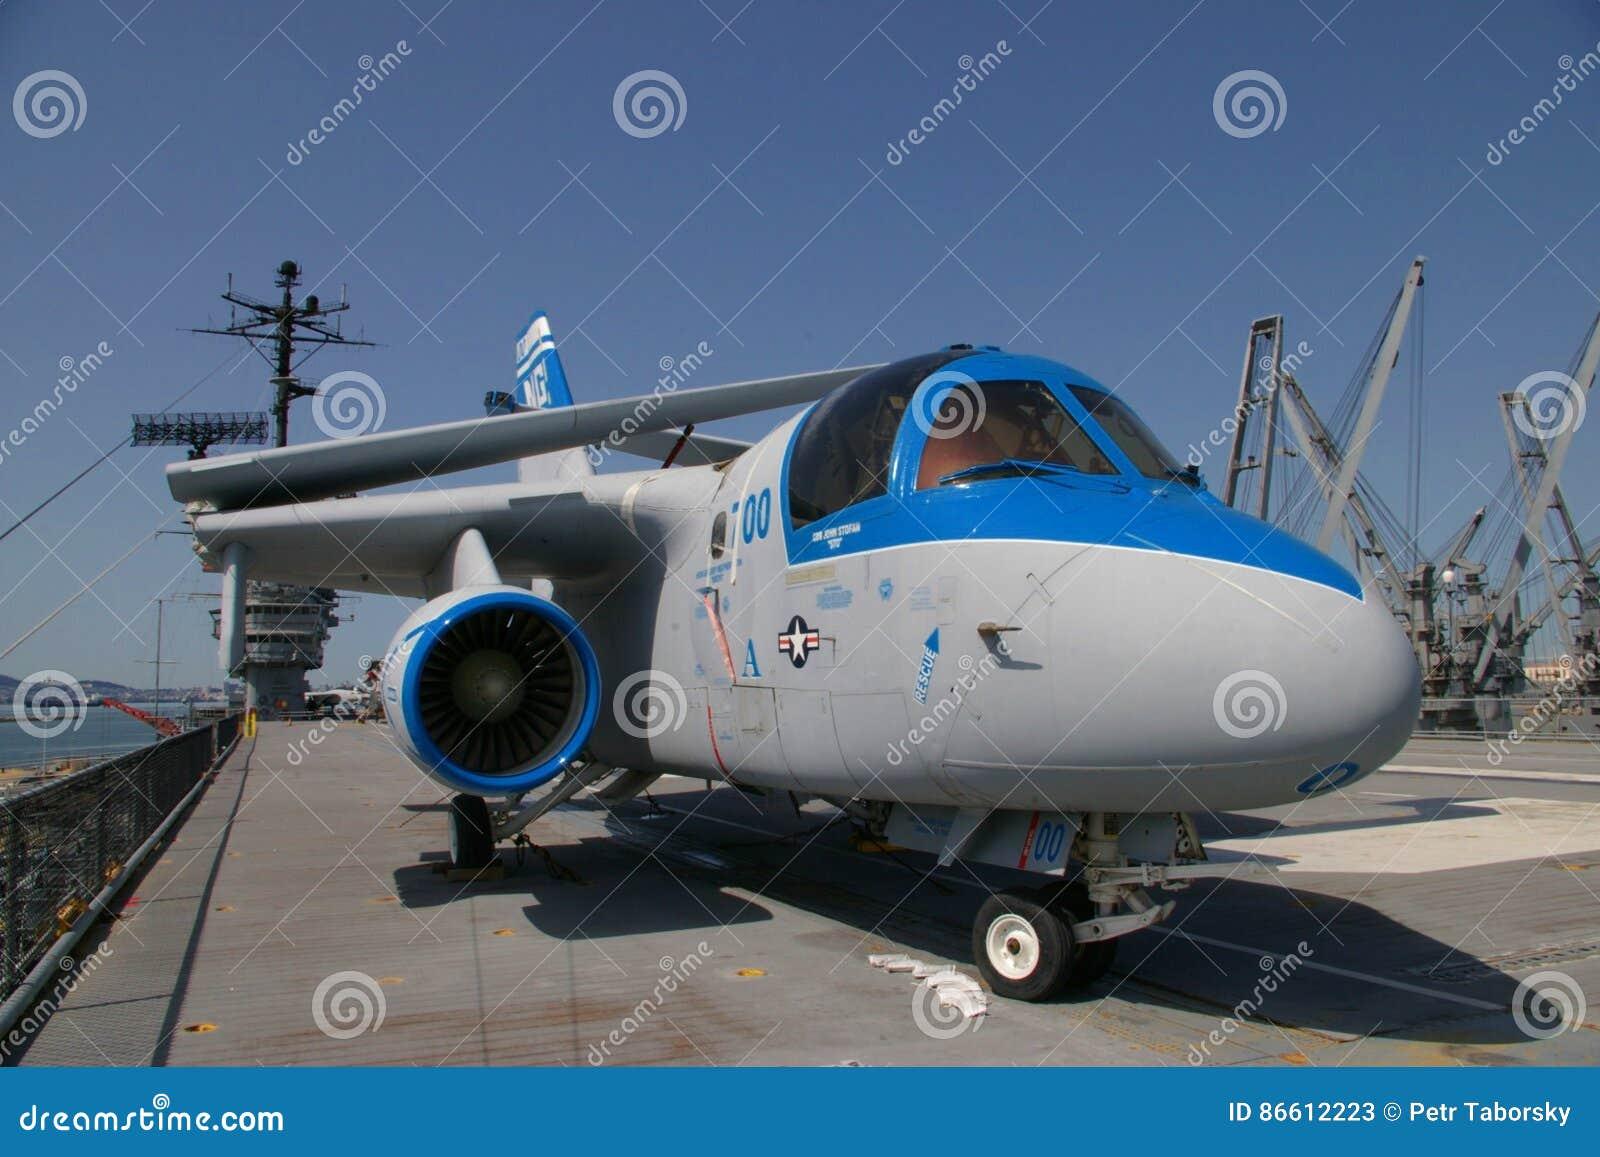 ALAMEDA, LOS E.E.U.U. - 23 DE MARZO DE 2010: S-3 Viking, avispón de portaaviones en Alameda, los E.E.U.U. el 23 de marzo de 2010